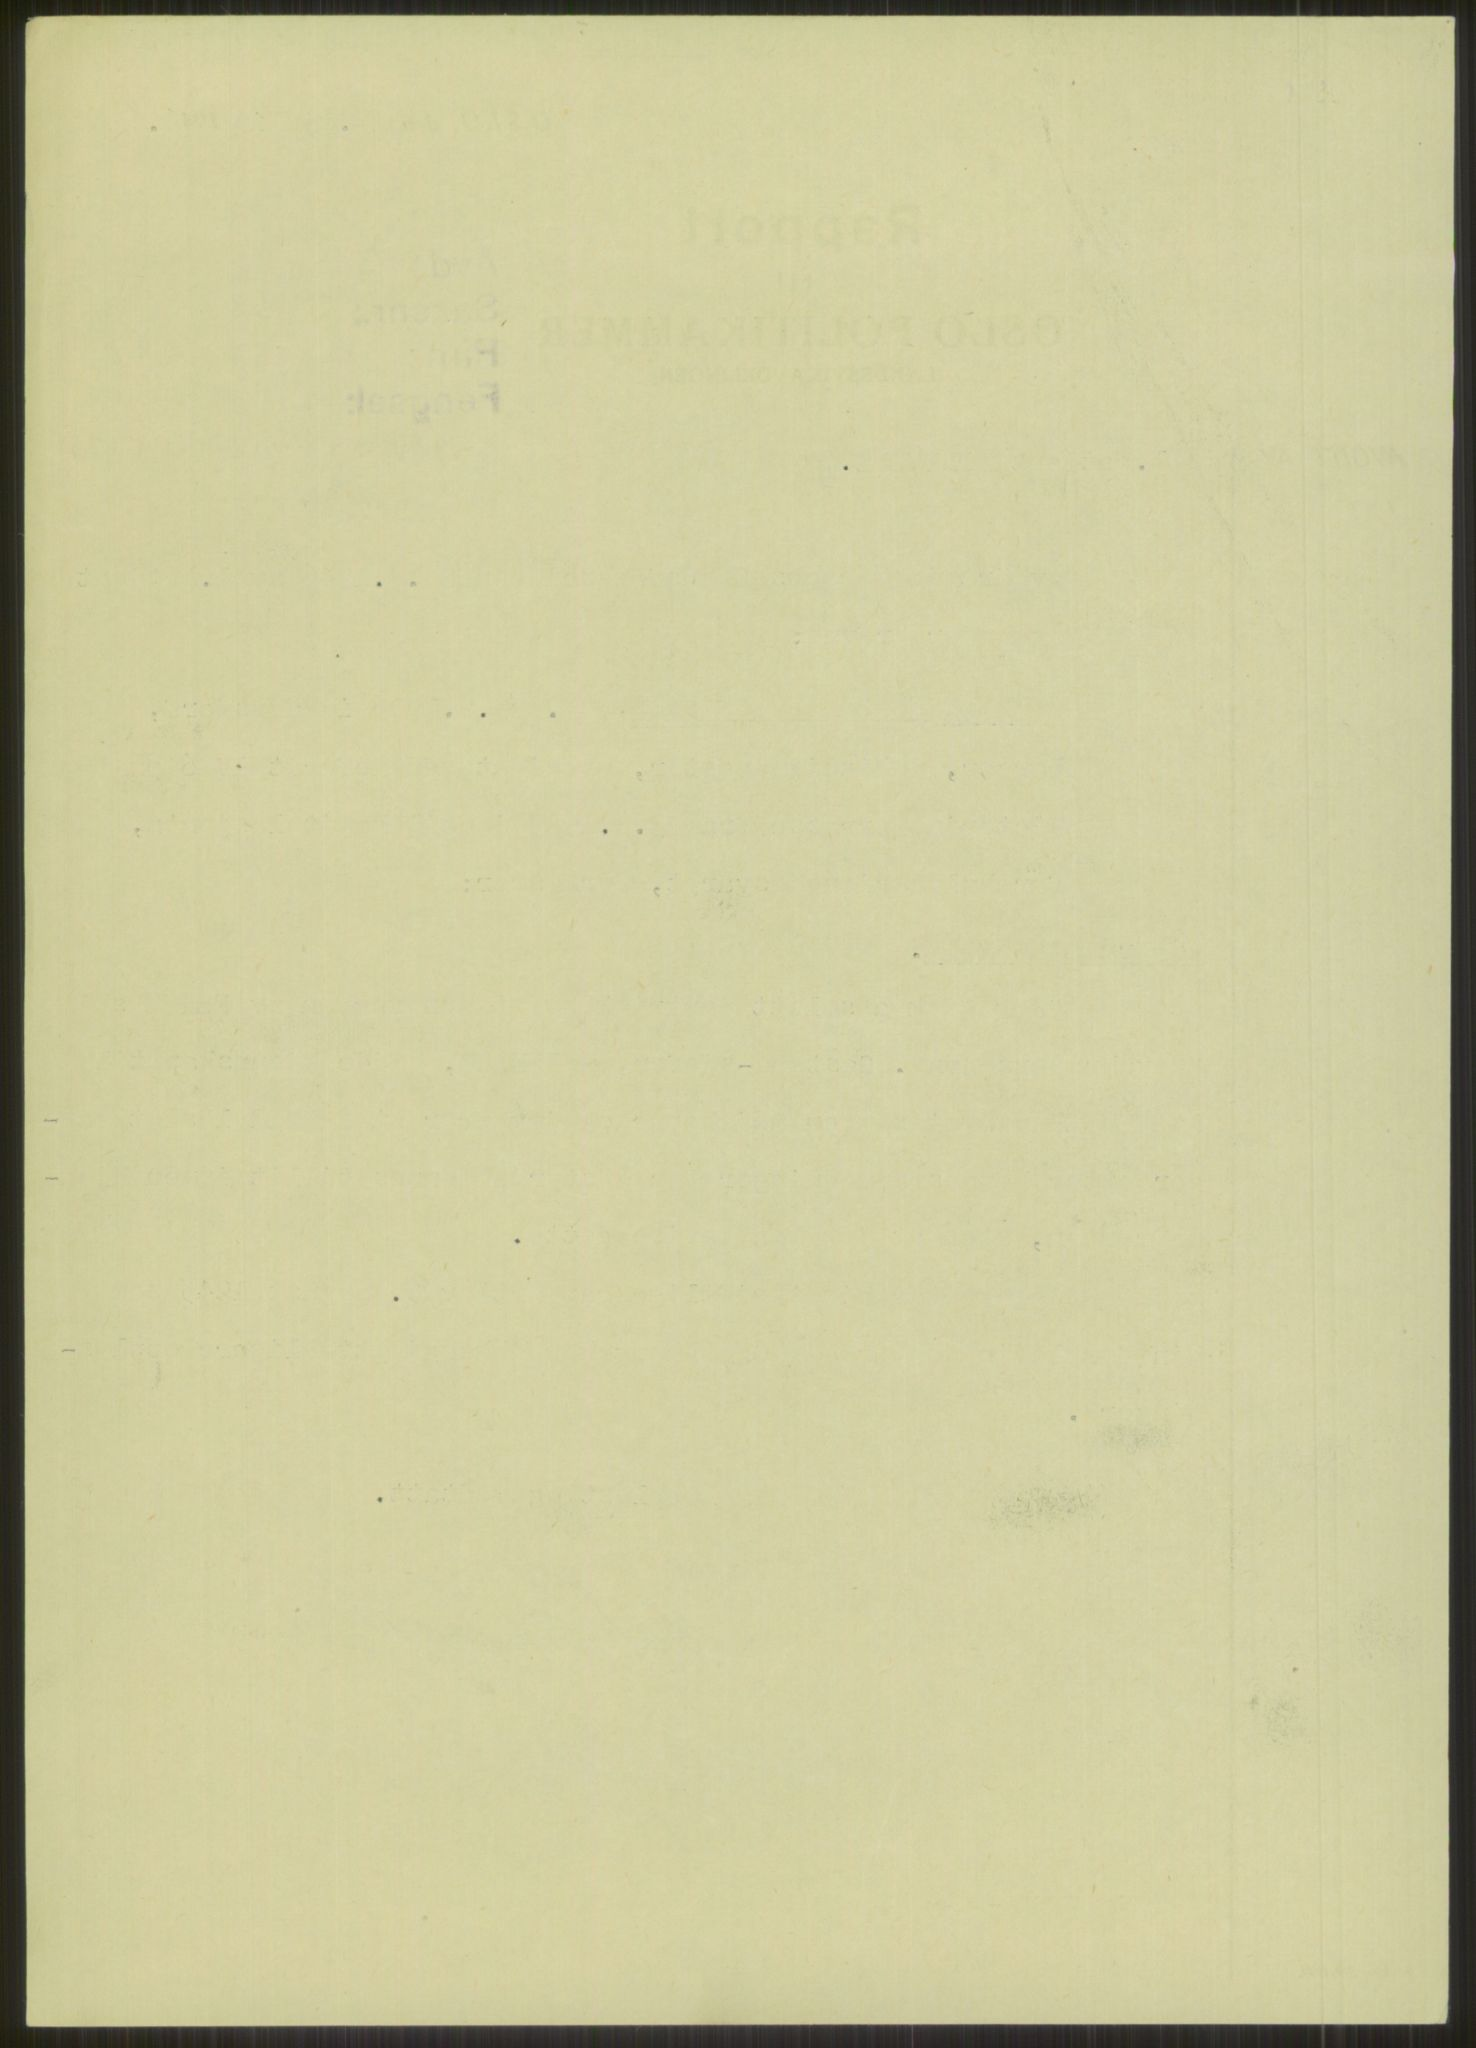 RA, Landssvikarkivet, Oslo politikammer, D/Dg/L0267: Henlagt hnr. 3658, 1945-1946, s. 250